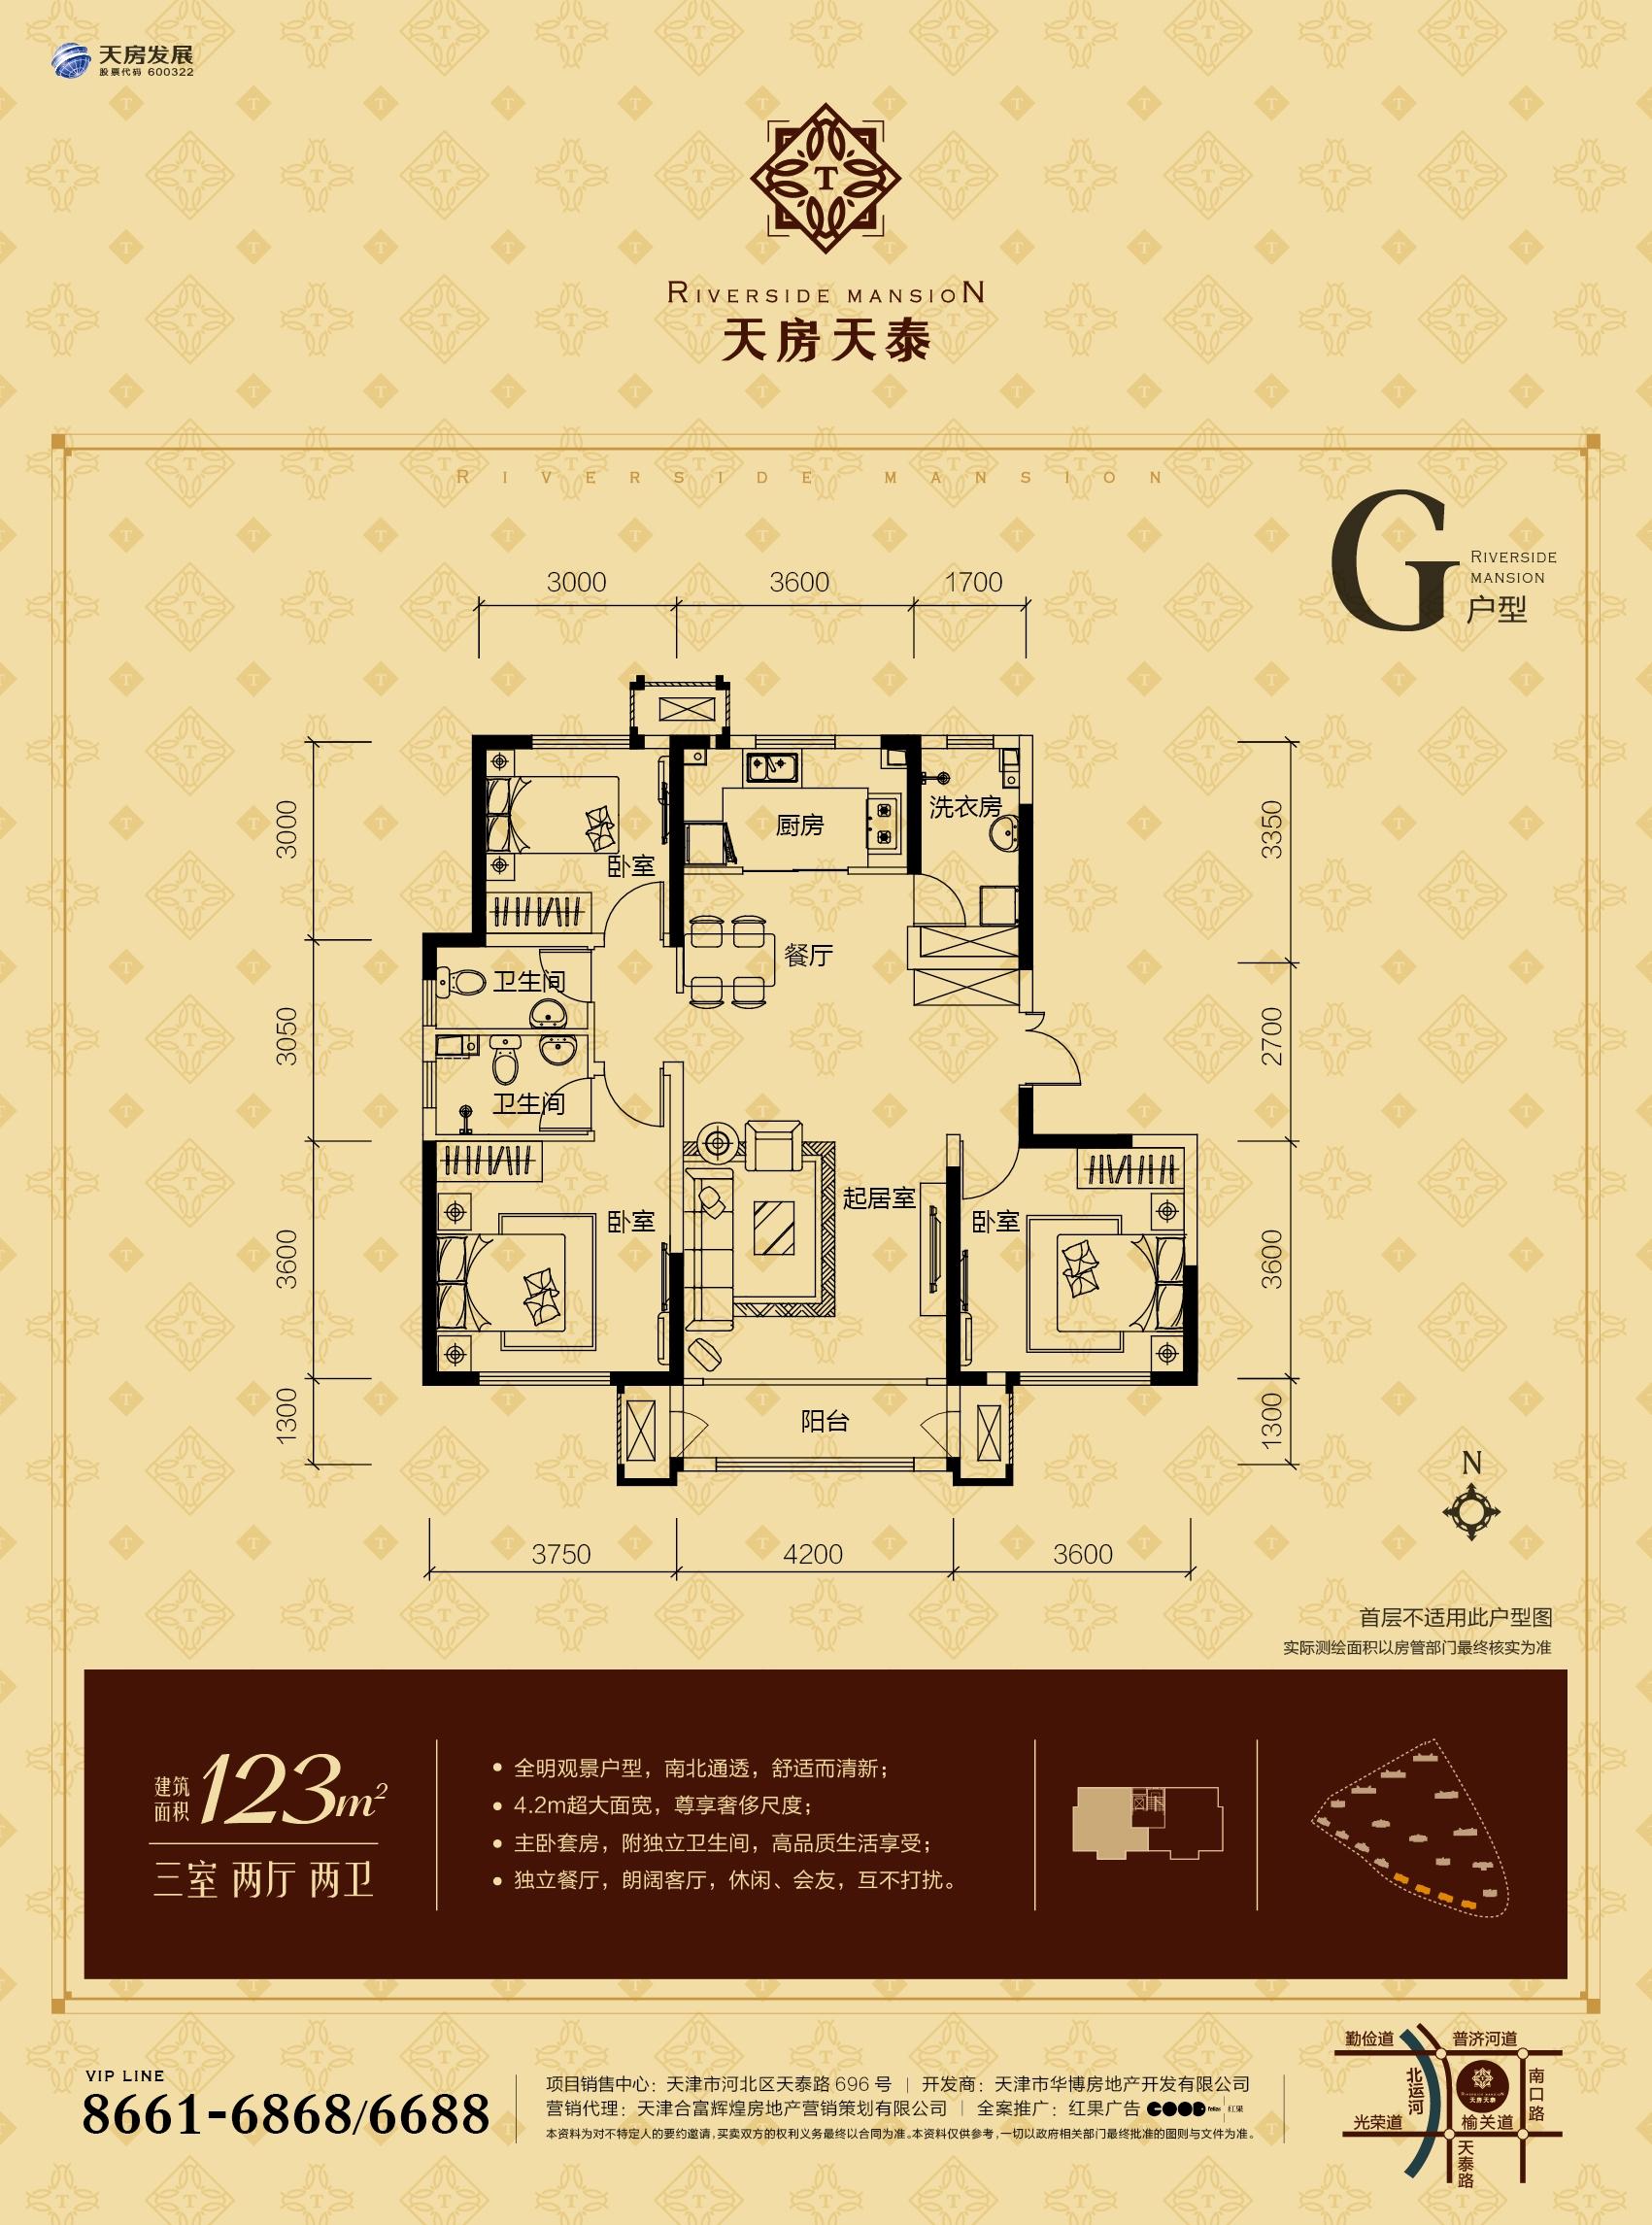 123平米三室两厅两卫 G